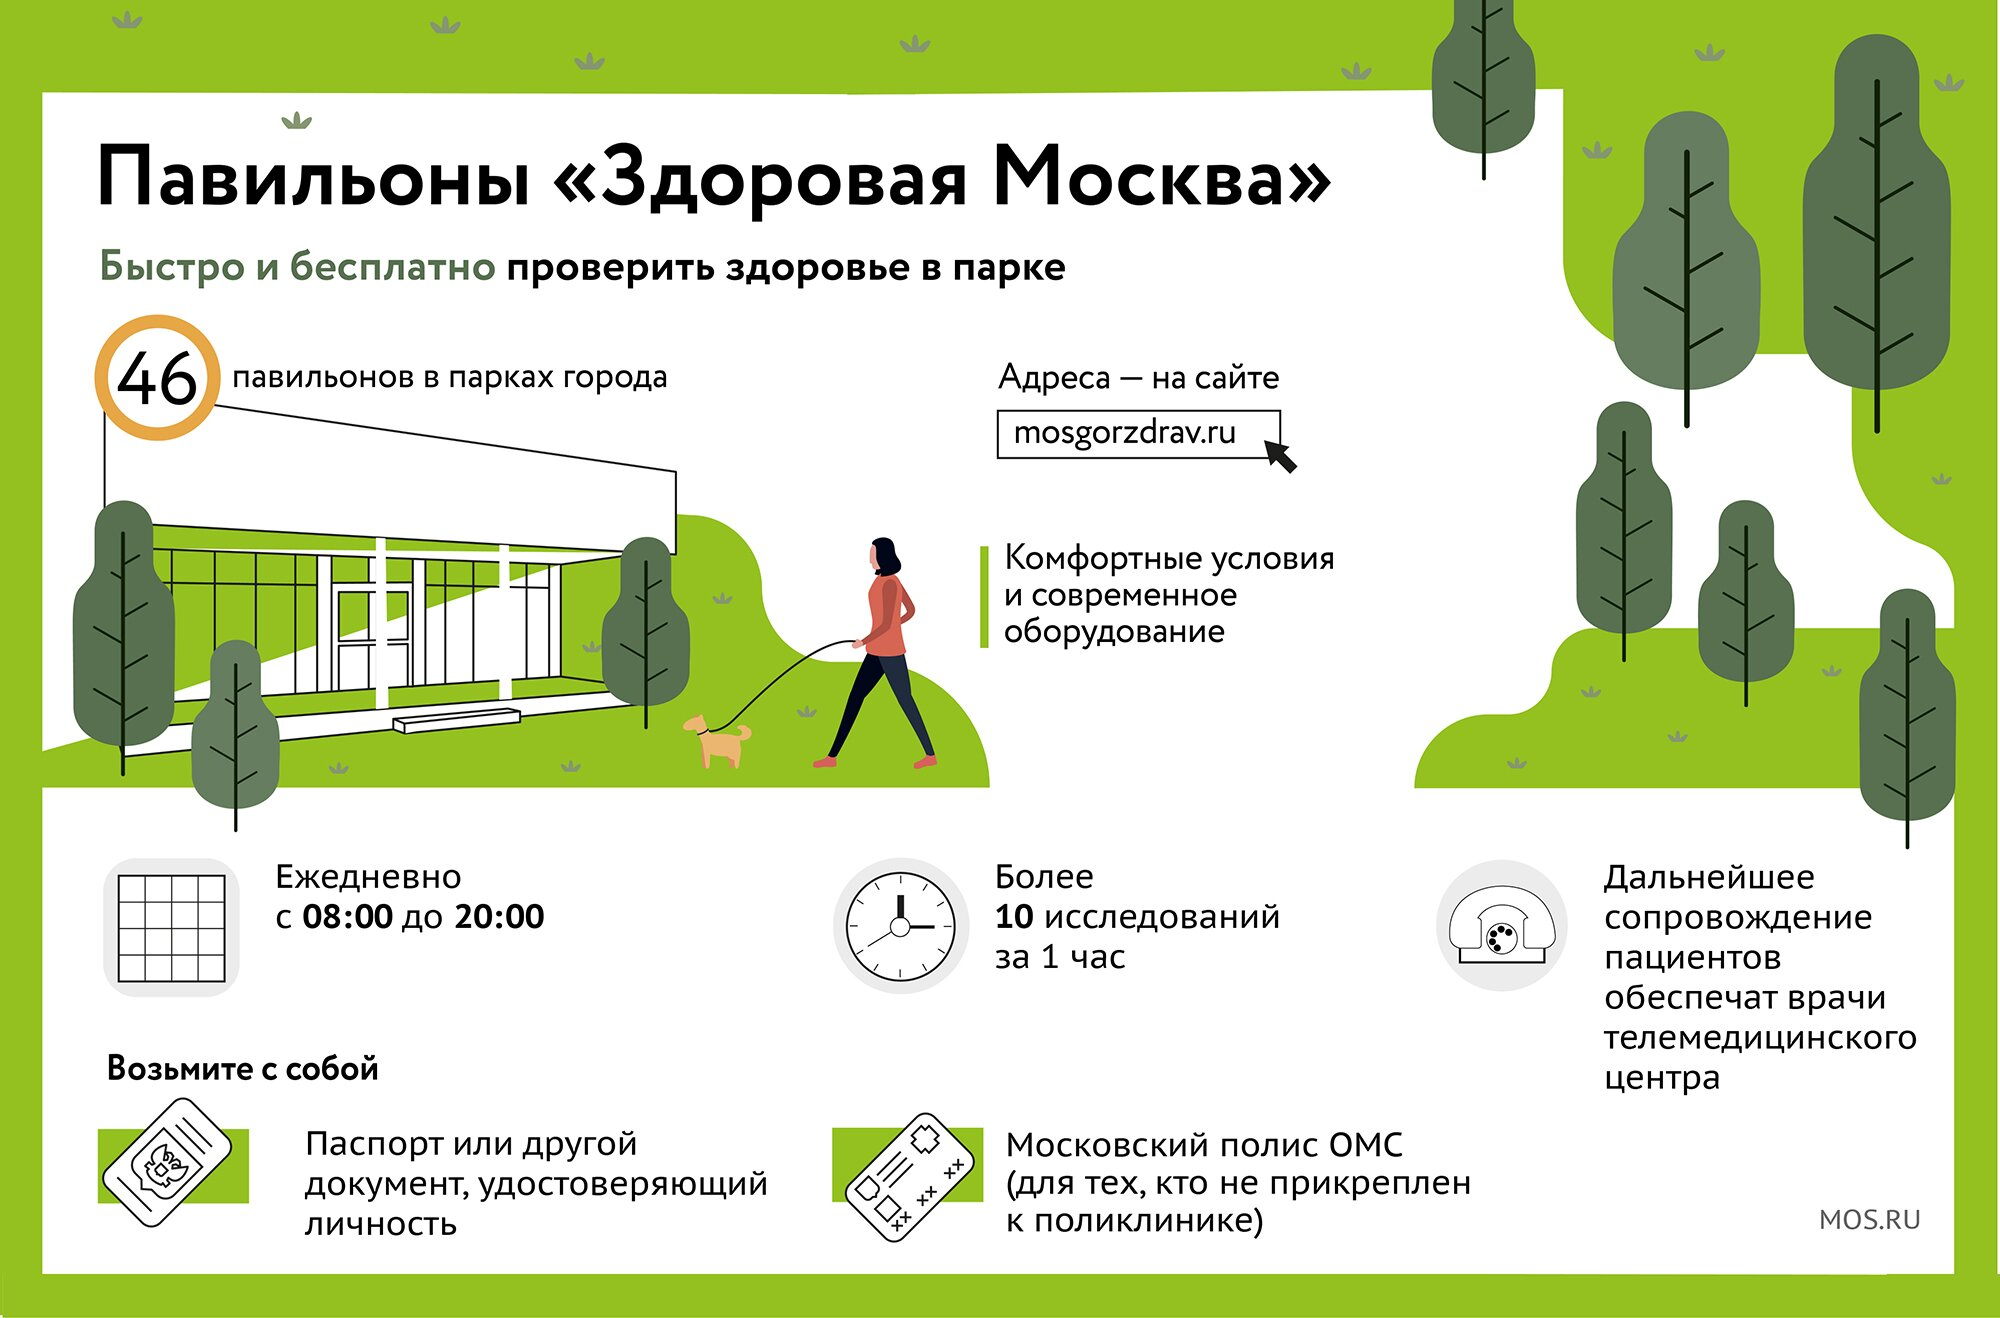 Более семи тысяч человек прошли обследование в павильонах «Здоровая Москва» за три дня